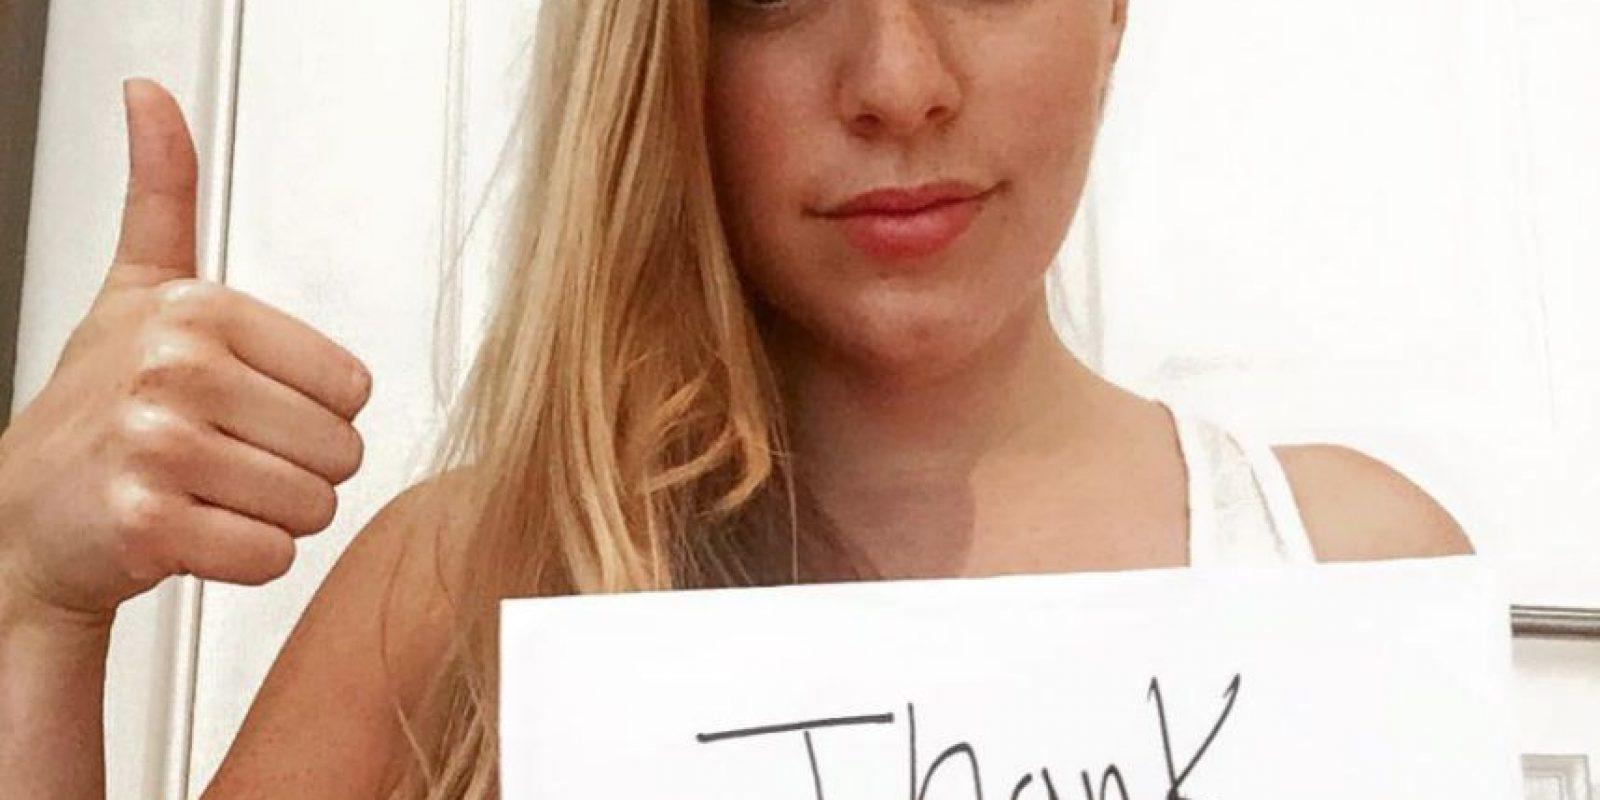 Gracias por decir algo cuando ese hombre me agarró. Gracias por insistir en que no era aceptable Foto:facebook.com/kaitlyn.regehr1